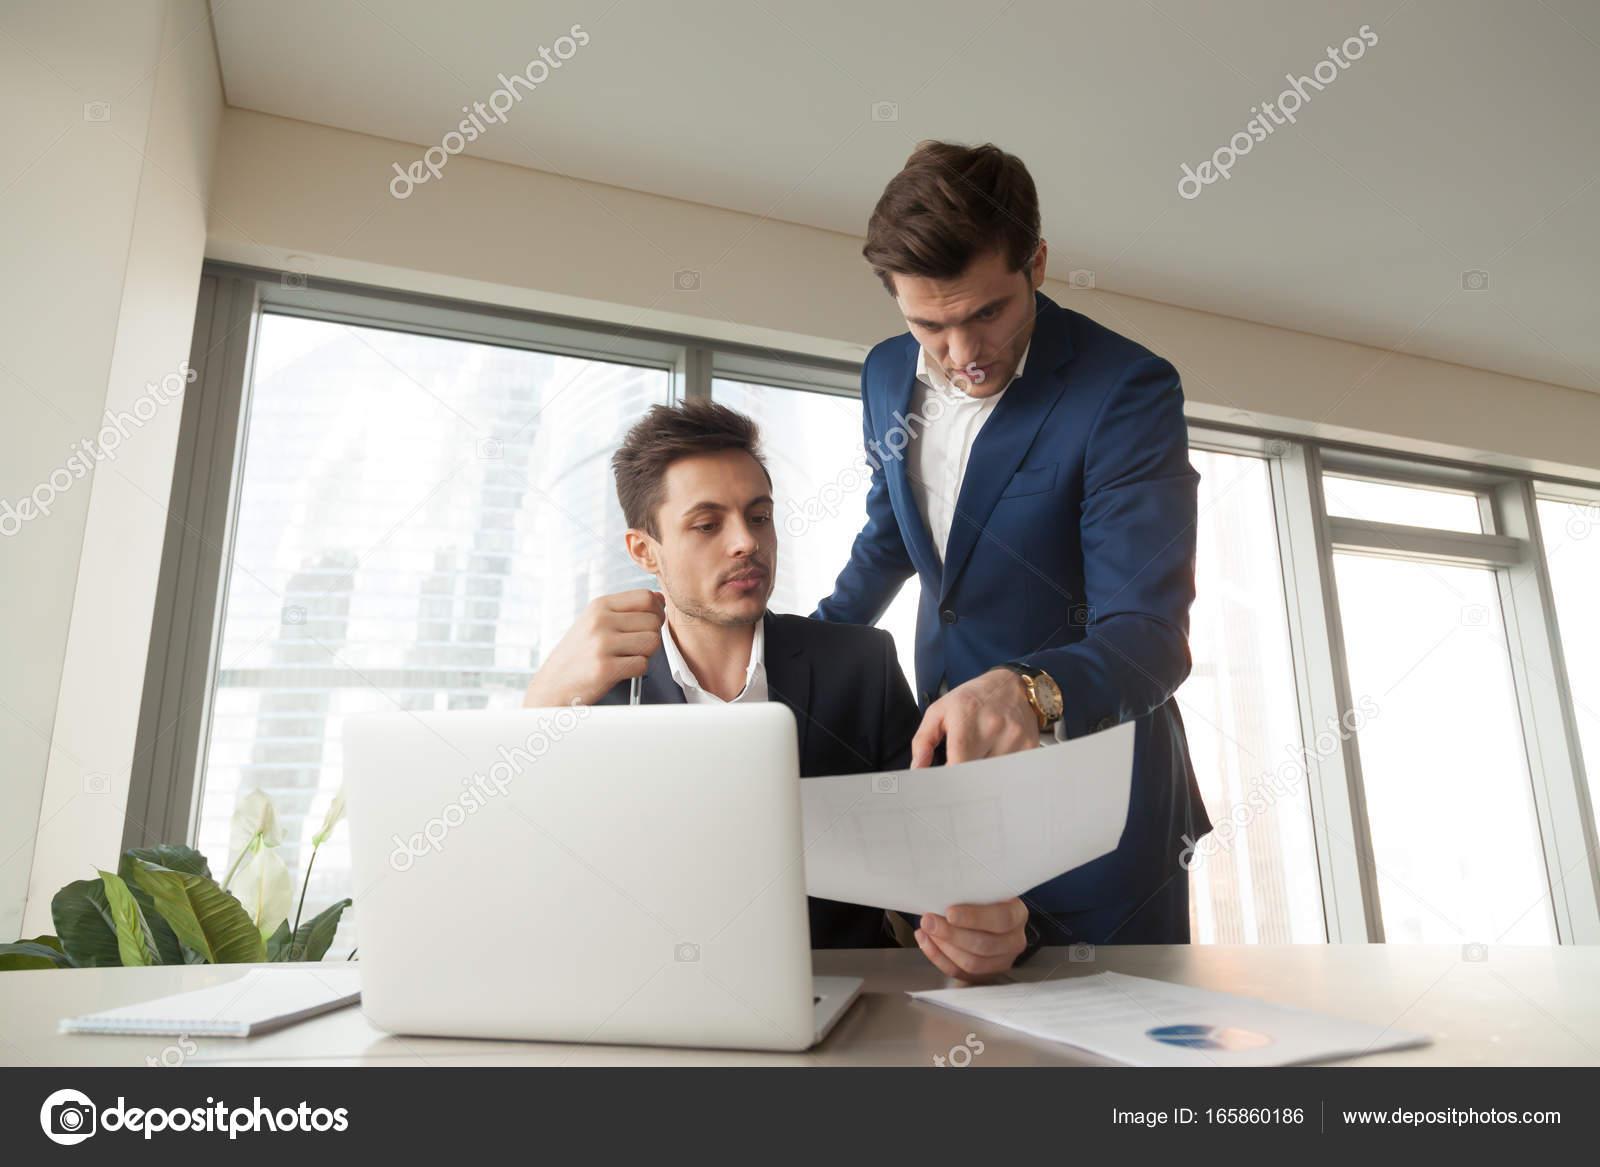 Pide jefe arquitecto para hacer correcciones en el plan — Fotos de ...